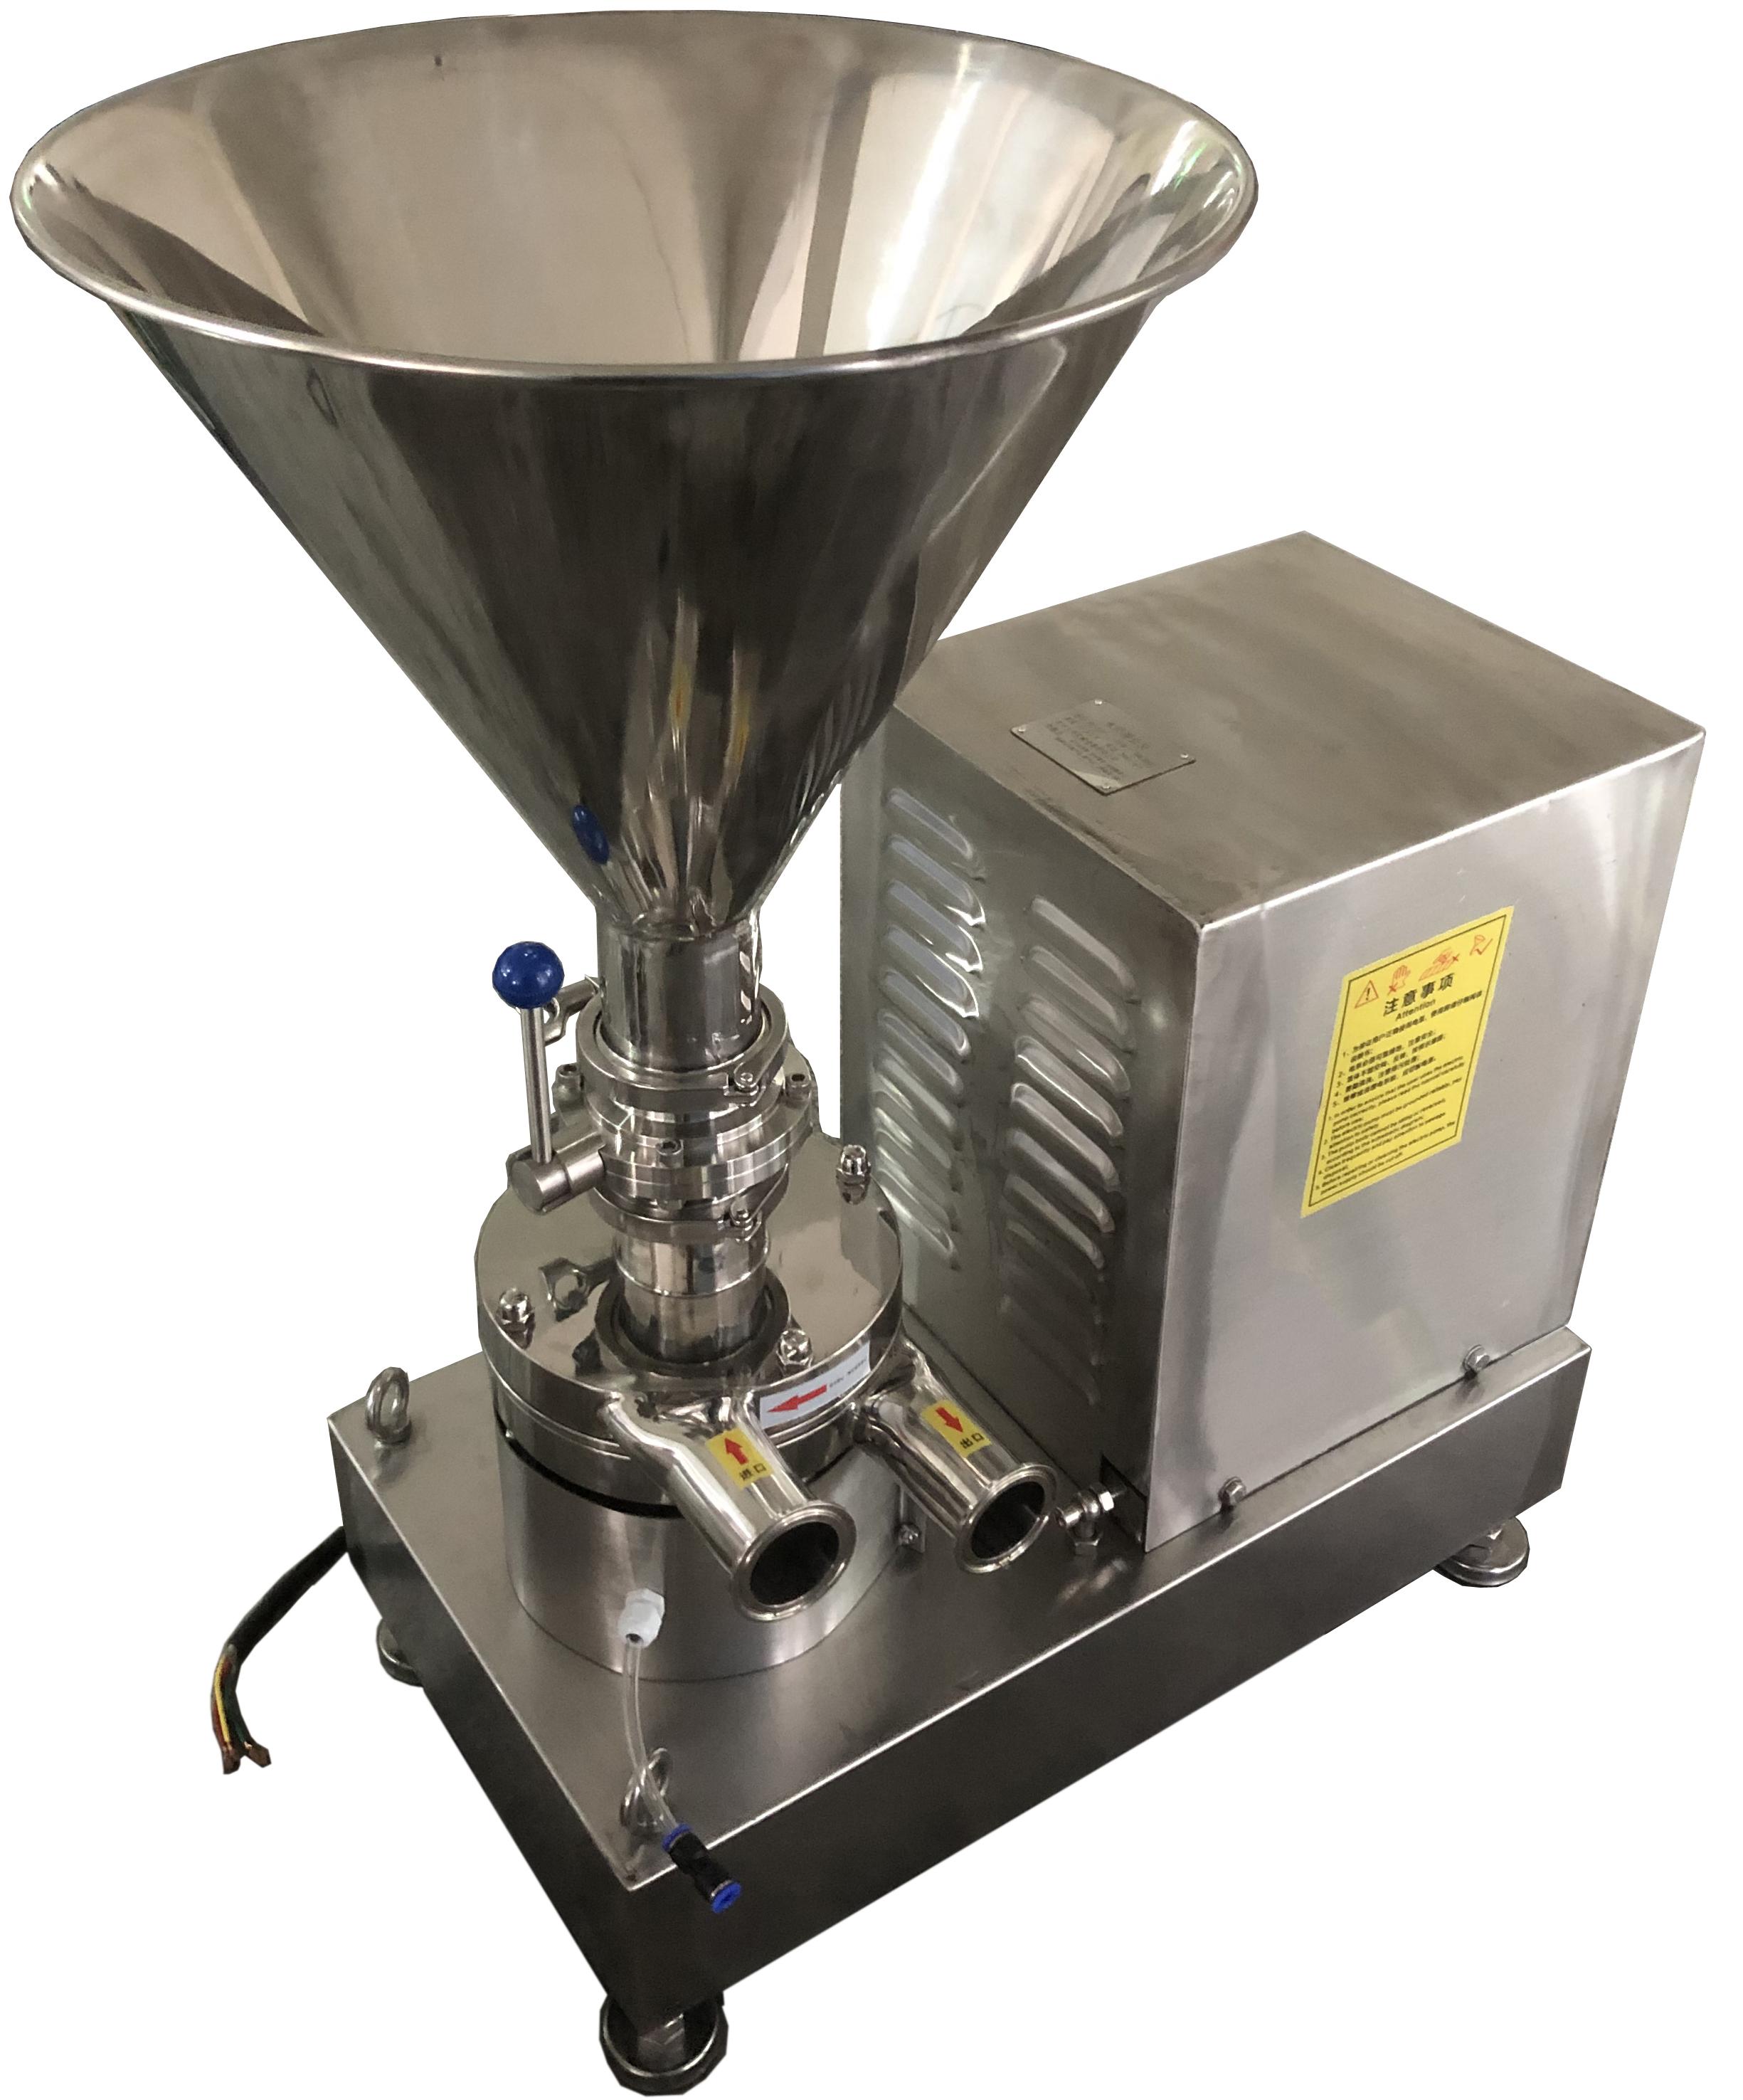 分体式水粉混合泵,水粉混合器,水粉混合机